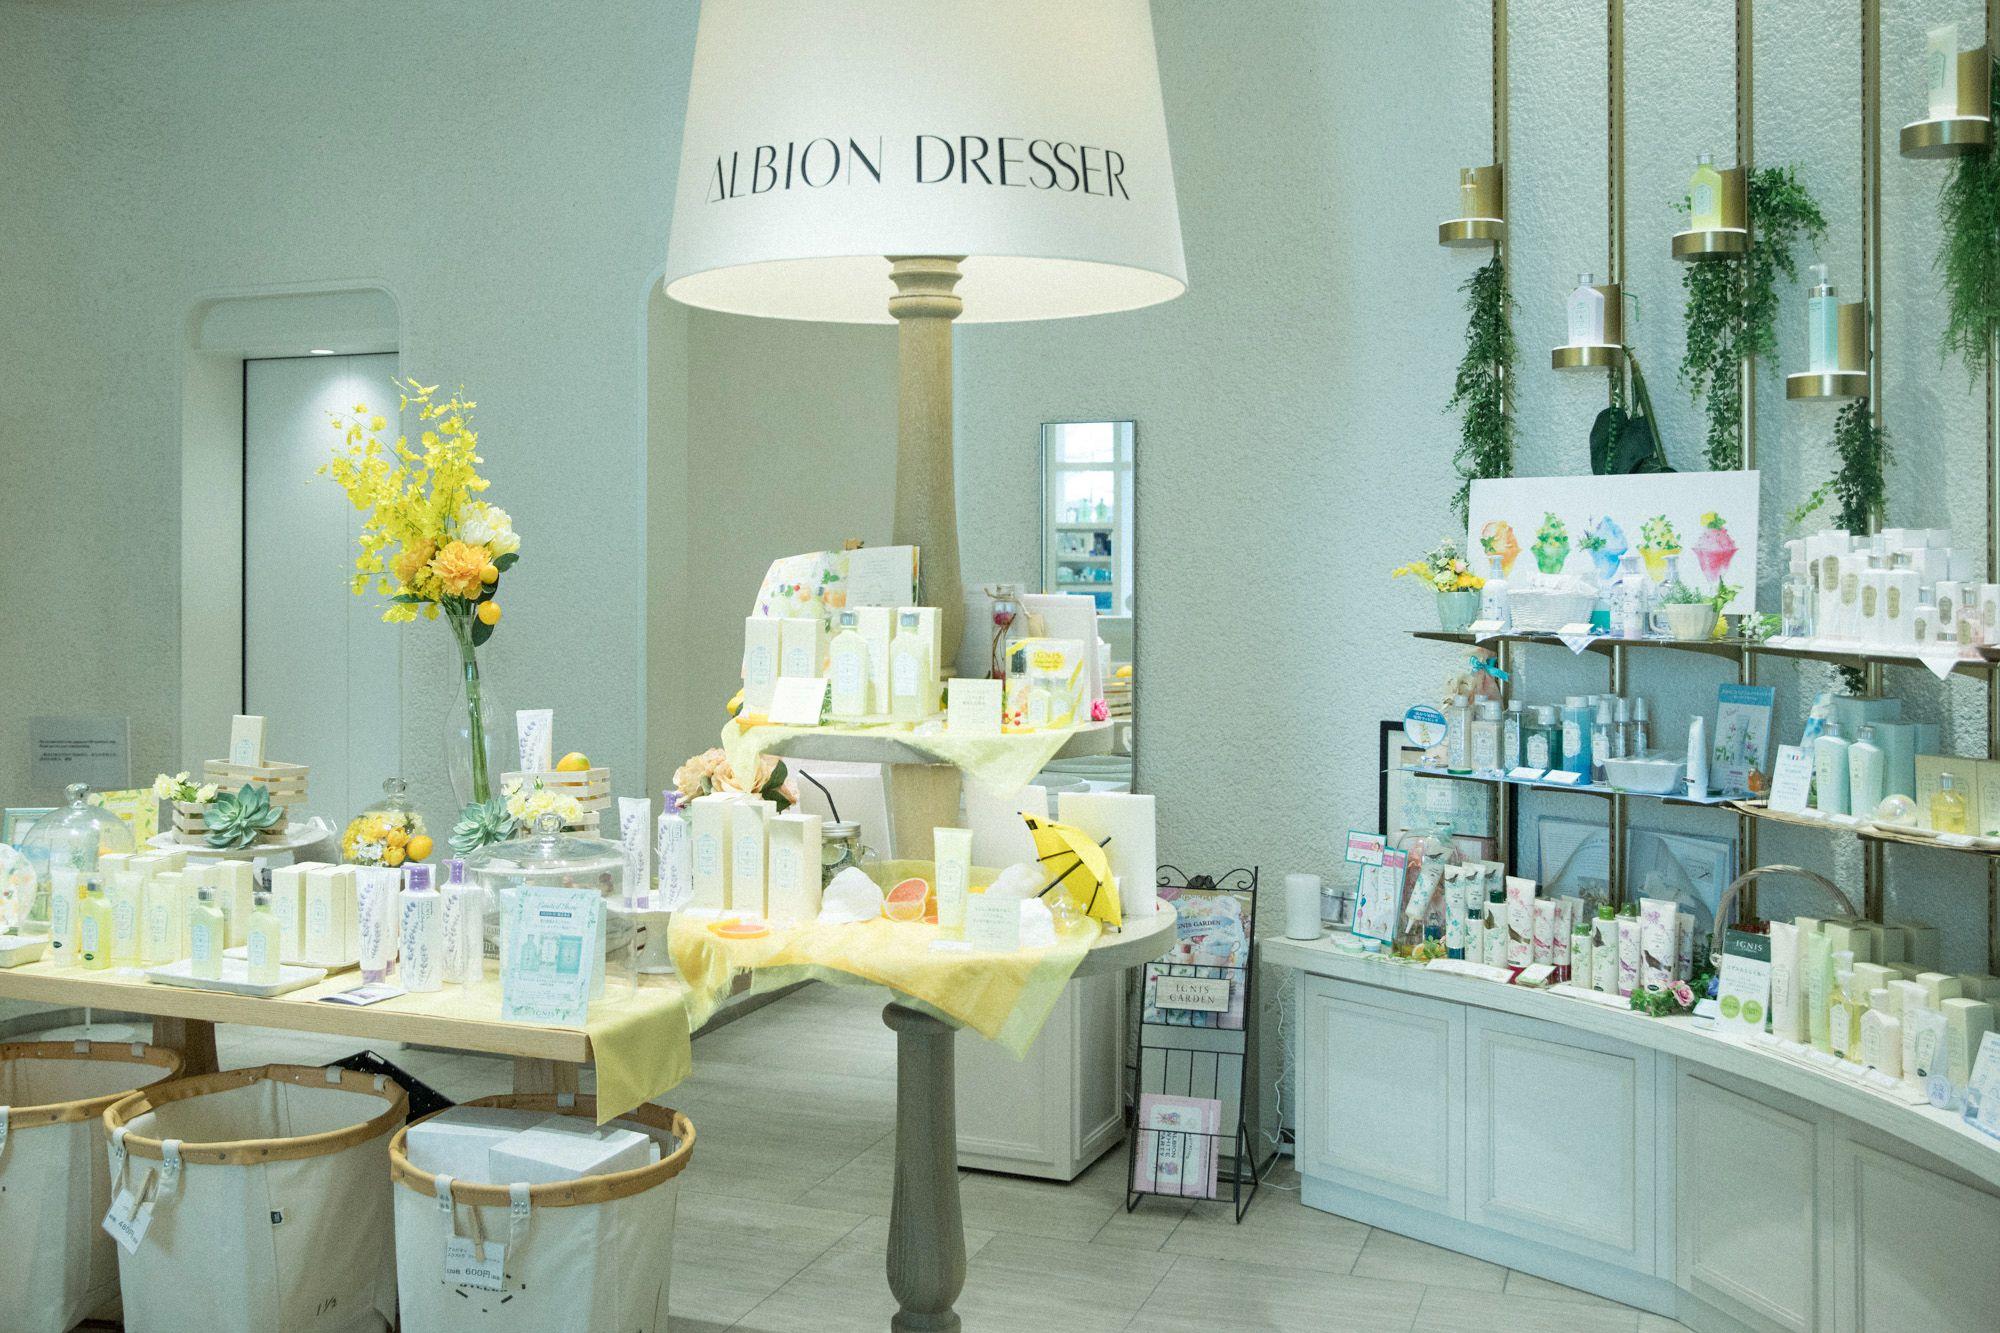 ランプと大きなテーブルが印象的な「アルビオンドレッサー銀座店」。季節に合わせて、おすすめの商品が並ぶ。